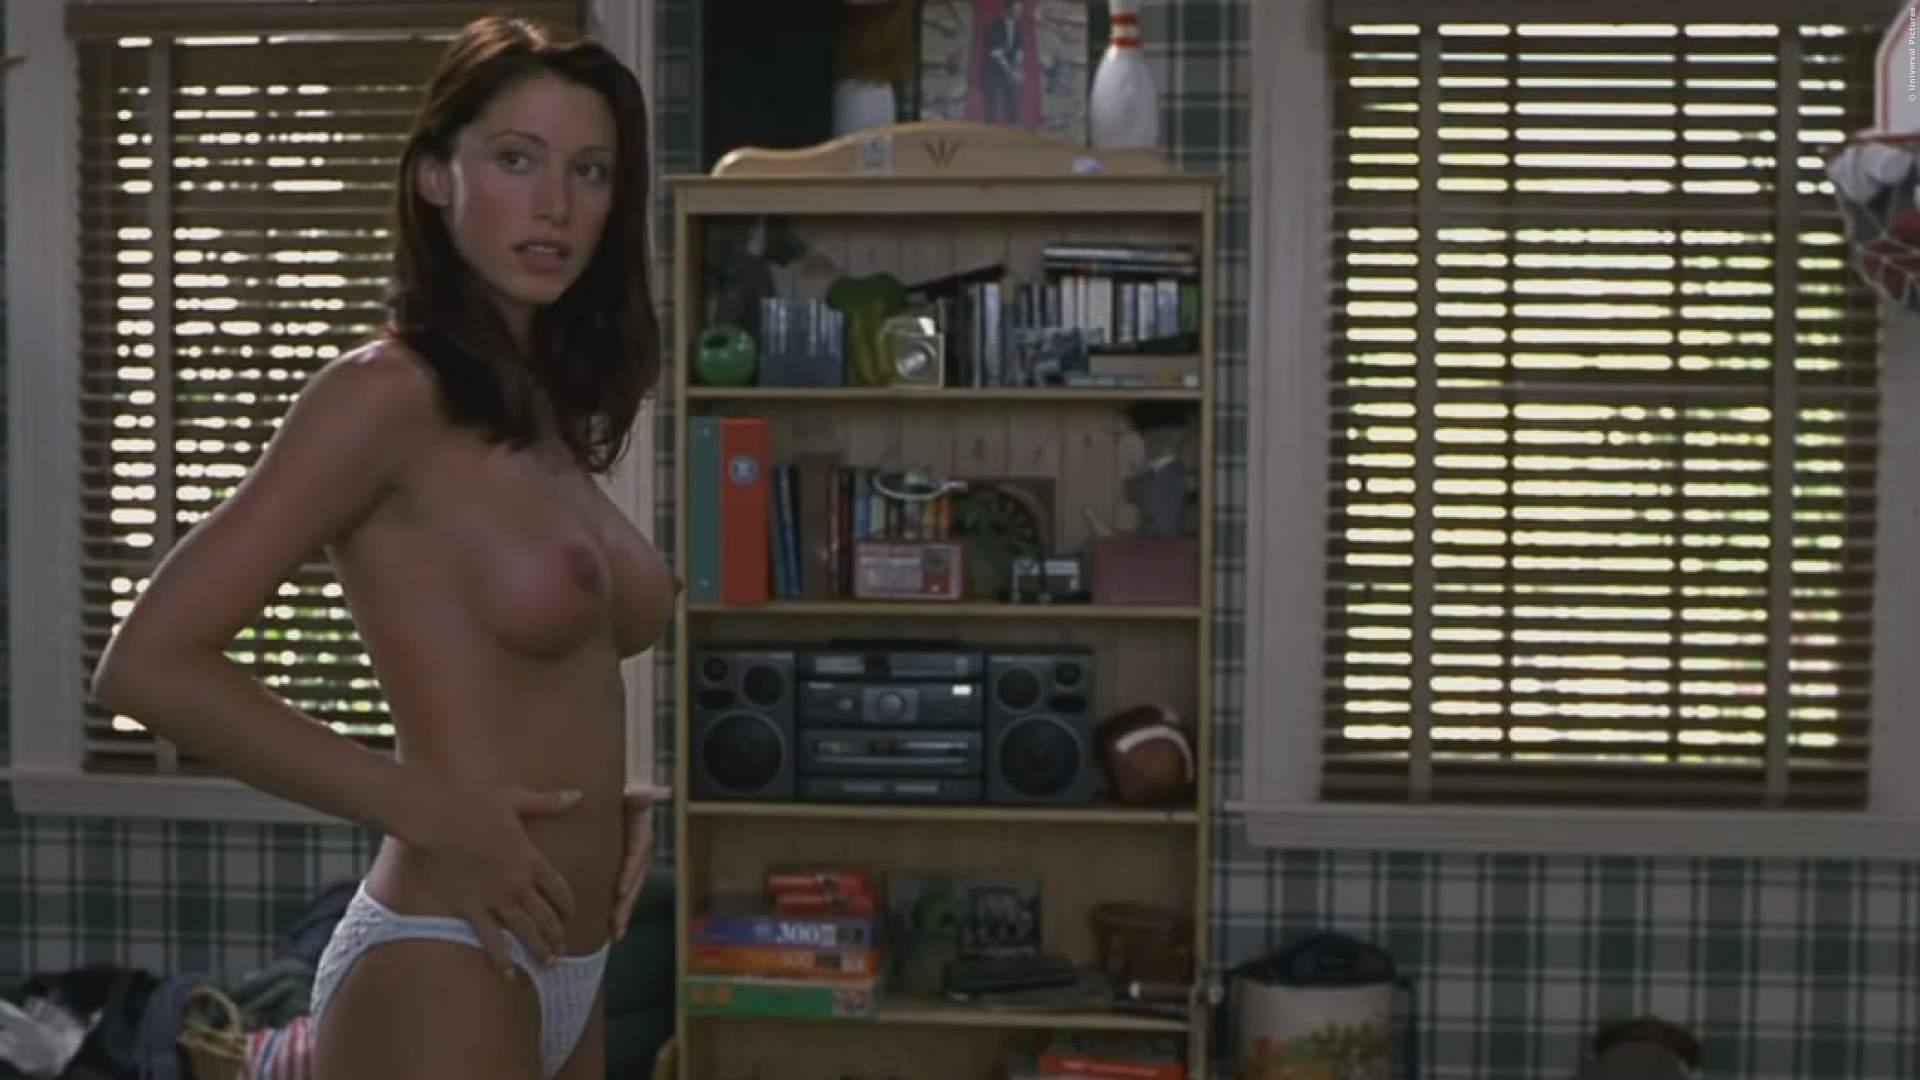 Top 30 Nacktszenen weiblicher Hollywoodstars - Bild 3 von 31